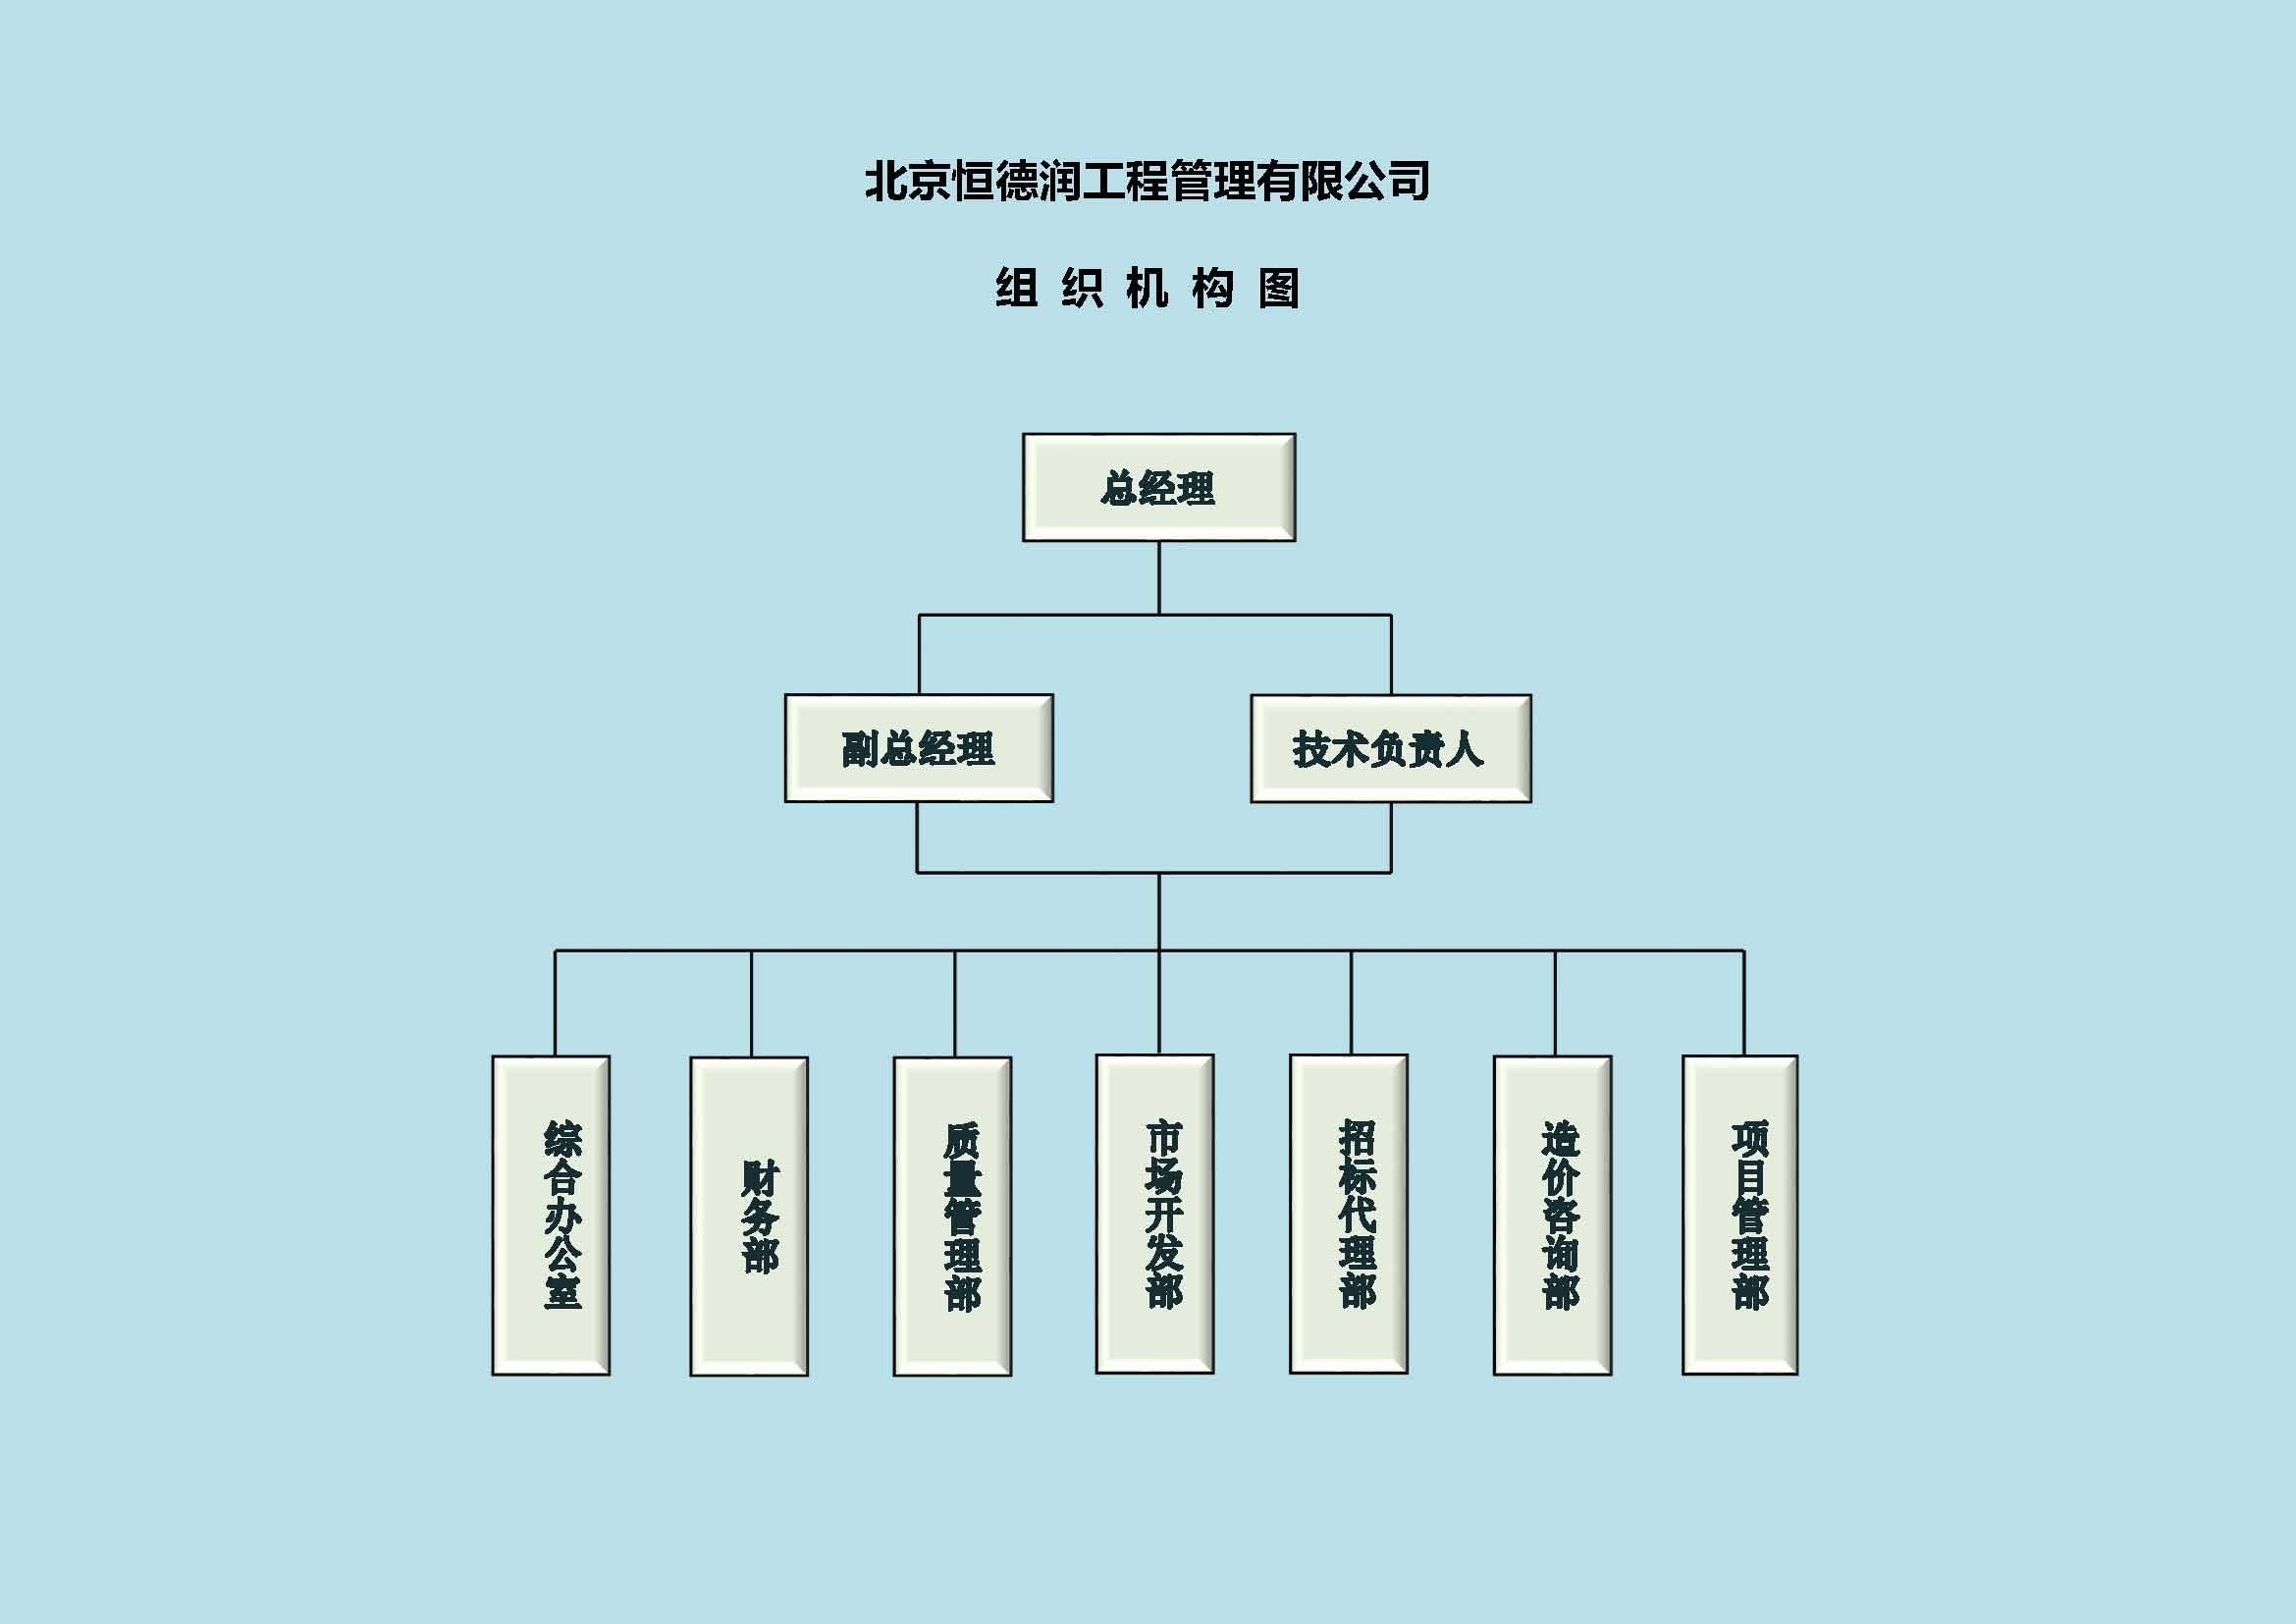 组织机构图